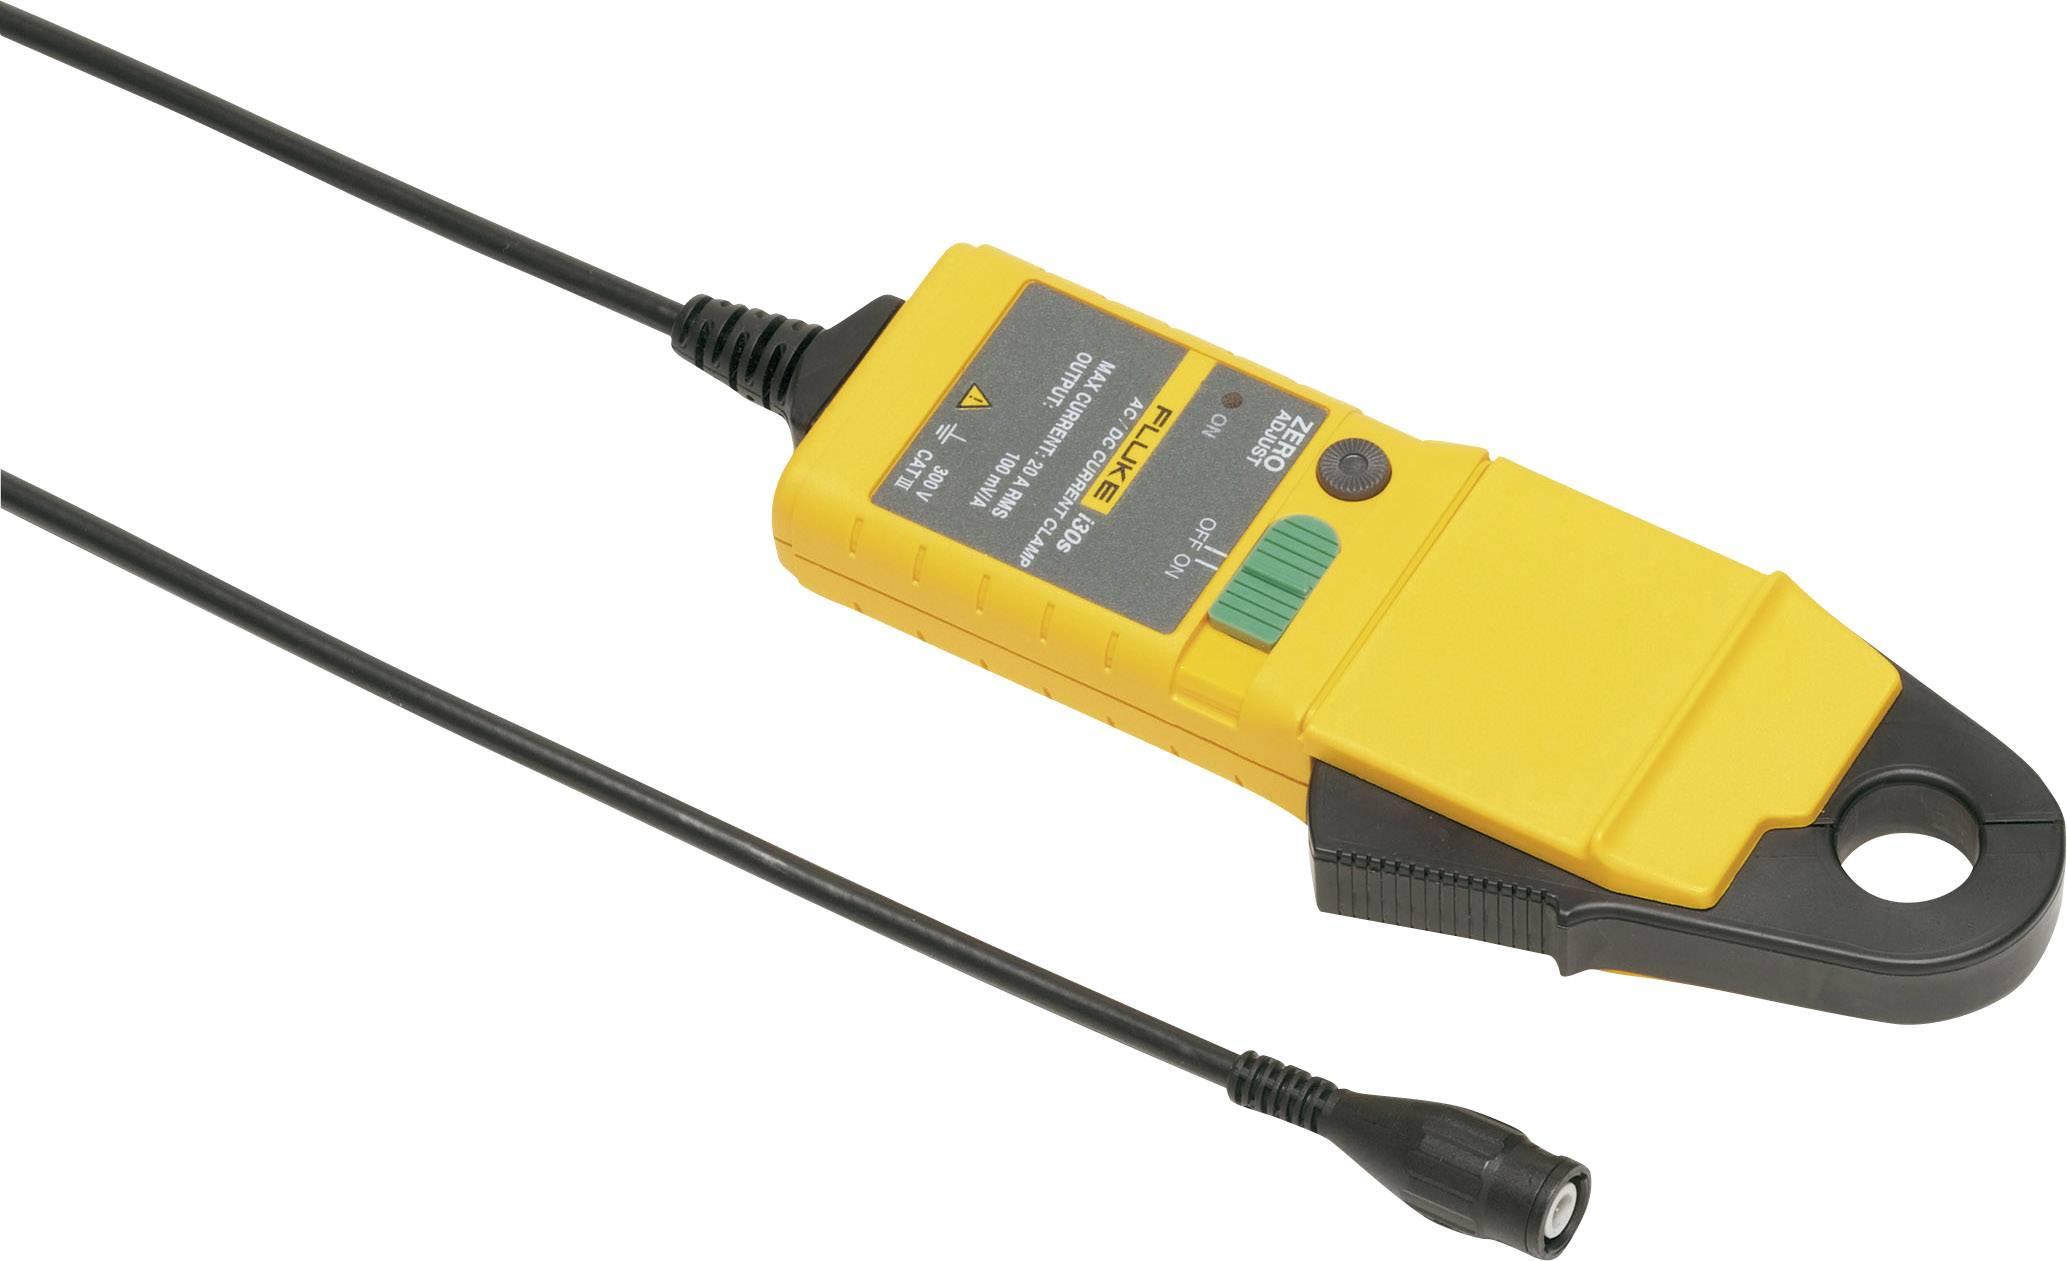 Klešťový proudový adaptér Fluke i30s, 1 mA - 30 A, 19 mm, podnikový standard (bez certifikátu) (own)